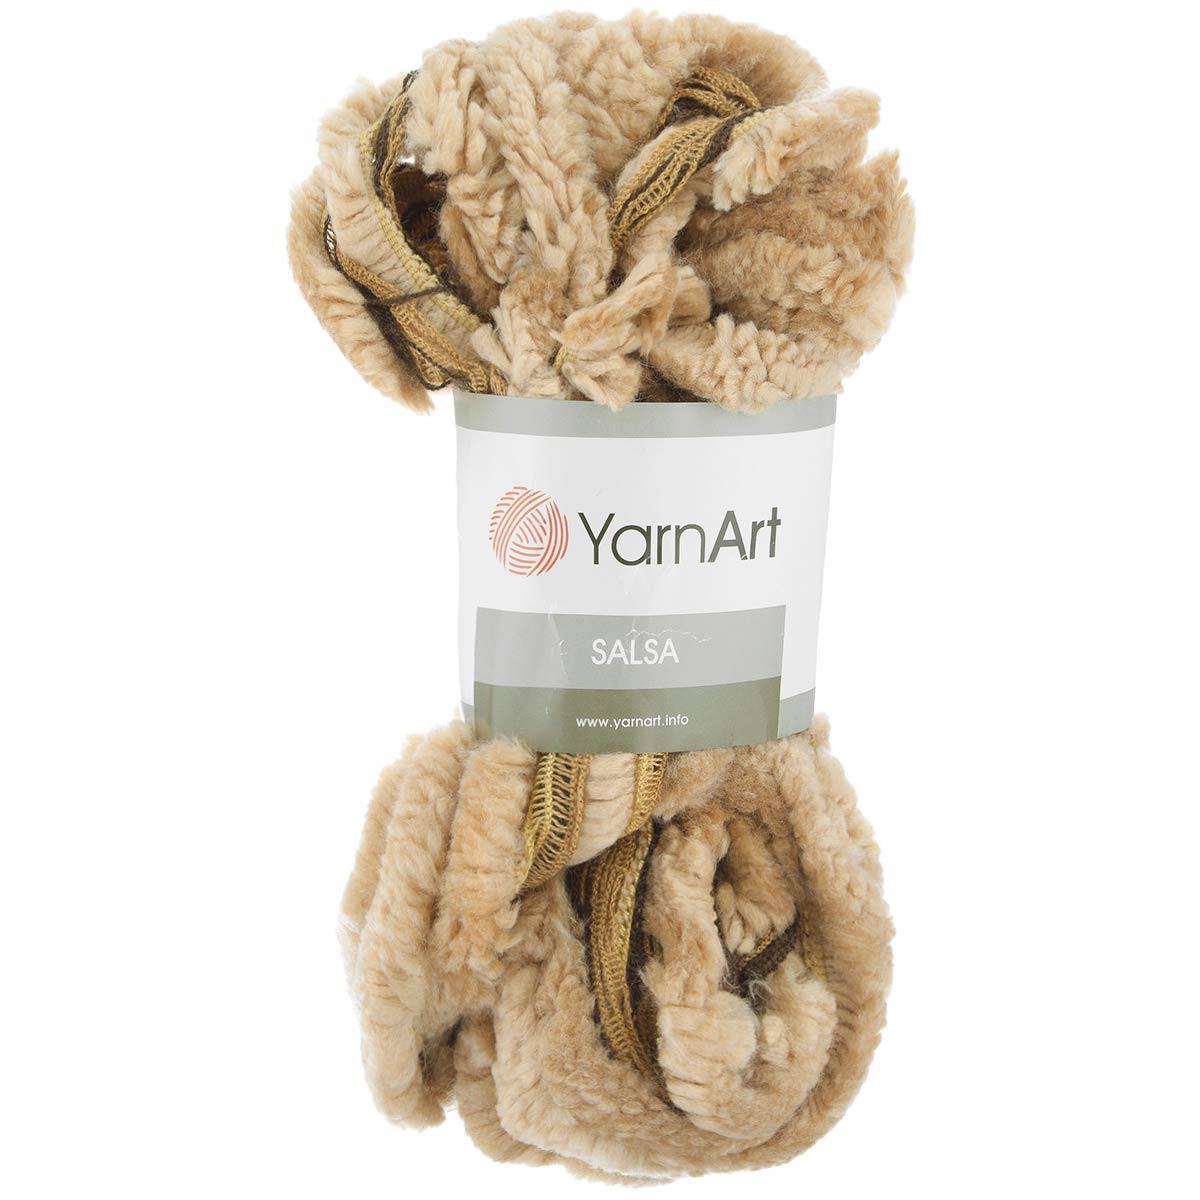 Пряжа Yarn art 'Salsa' 125гр. 7м (100% акрил)